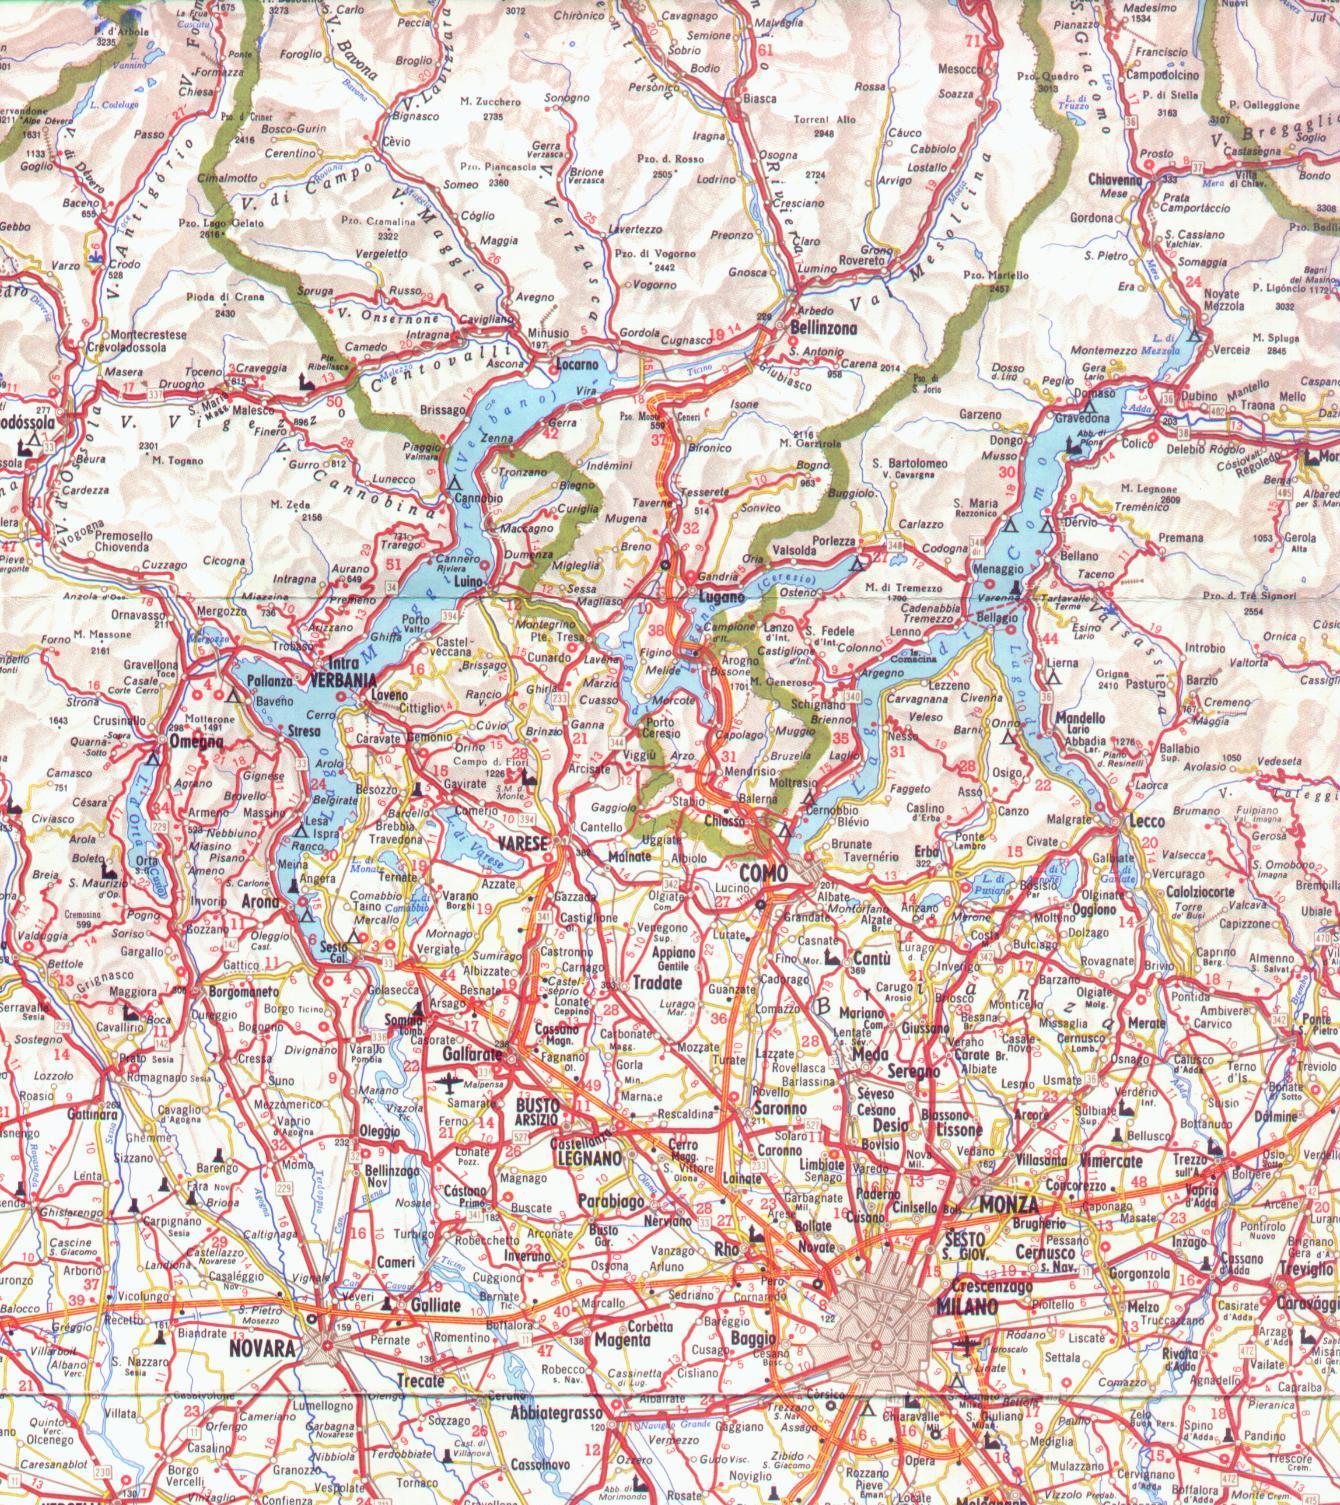 Cartina Autostradale Della Lombardia.Mappa Dettagliata Lombardia Ovest